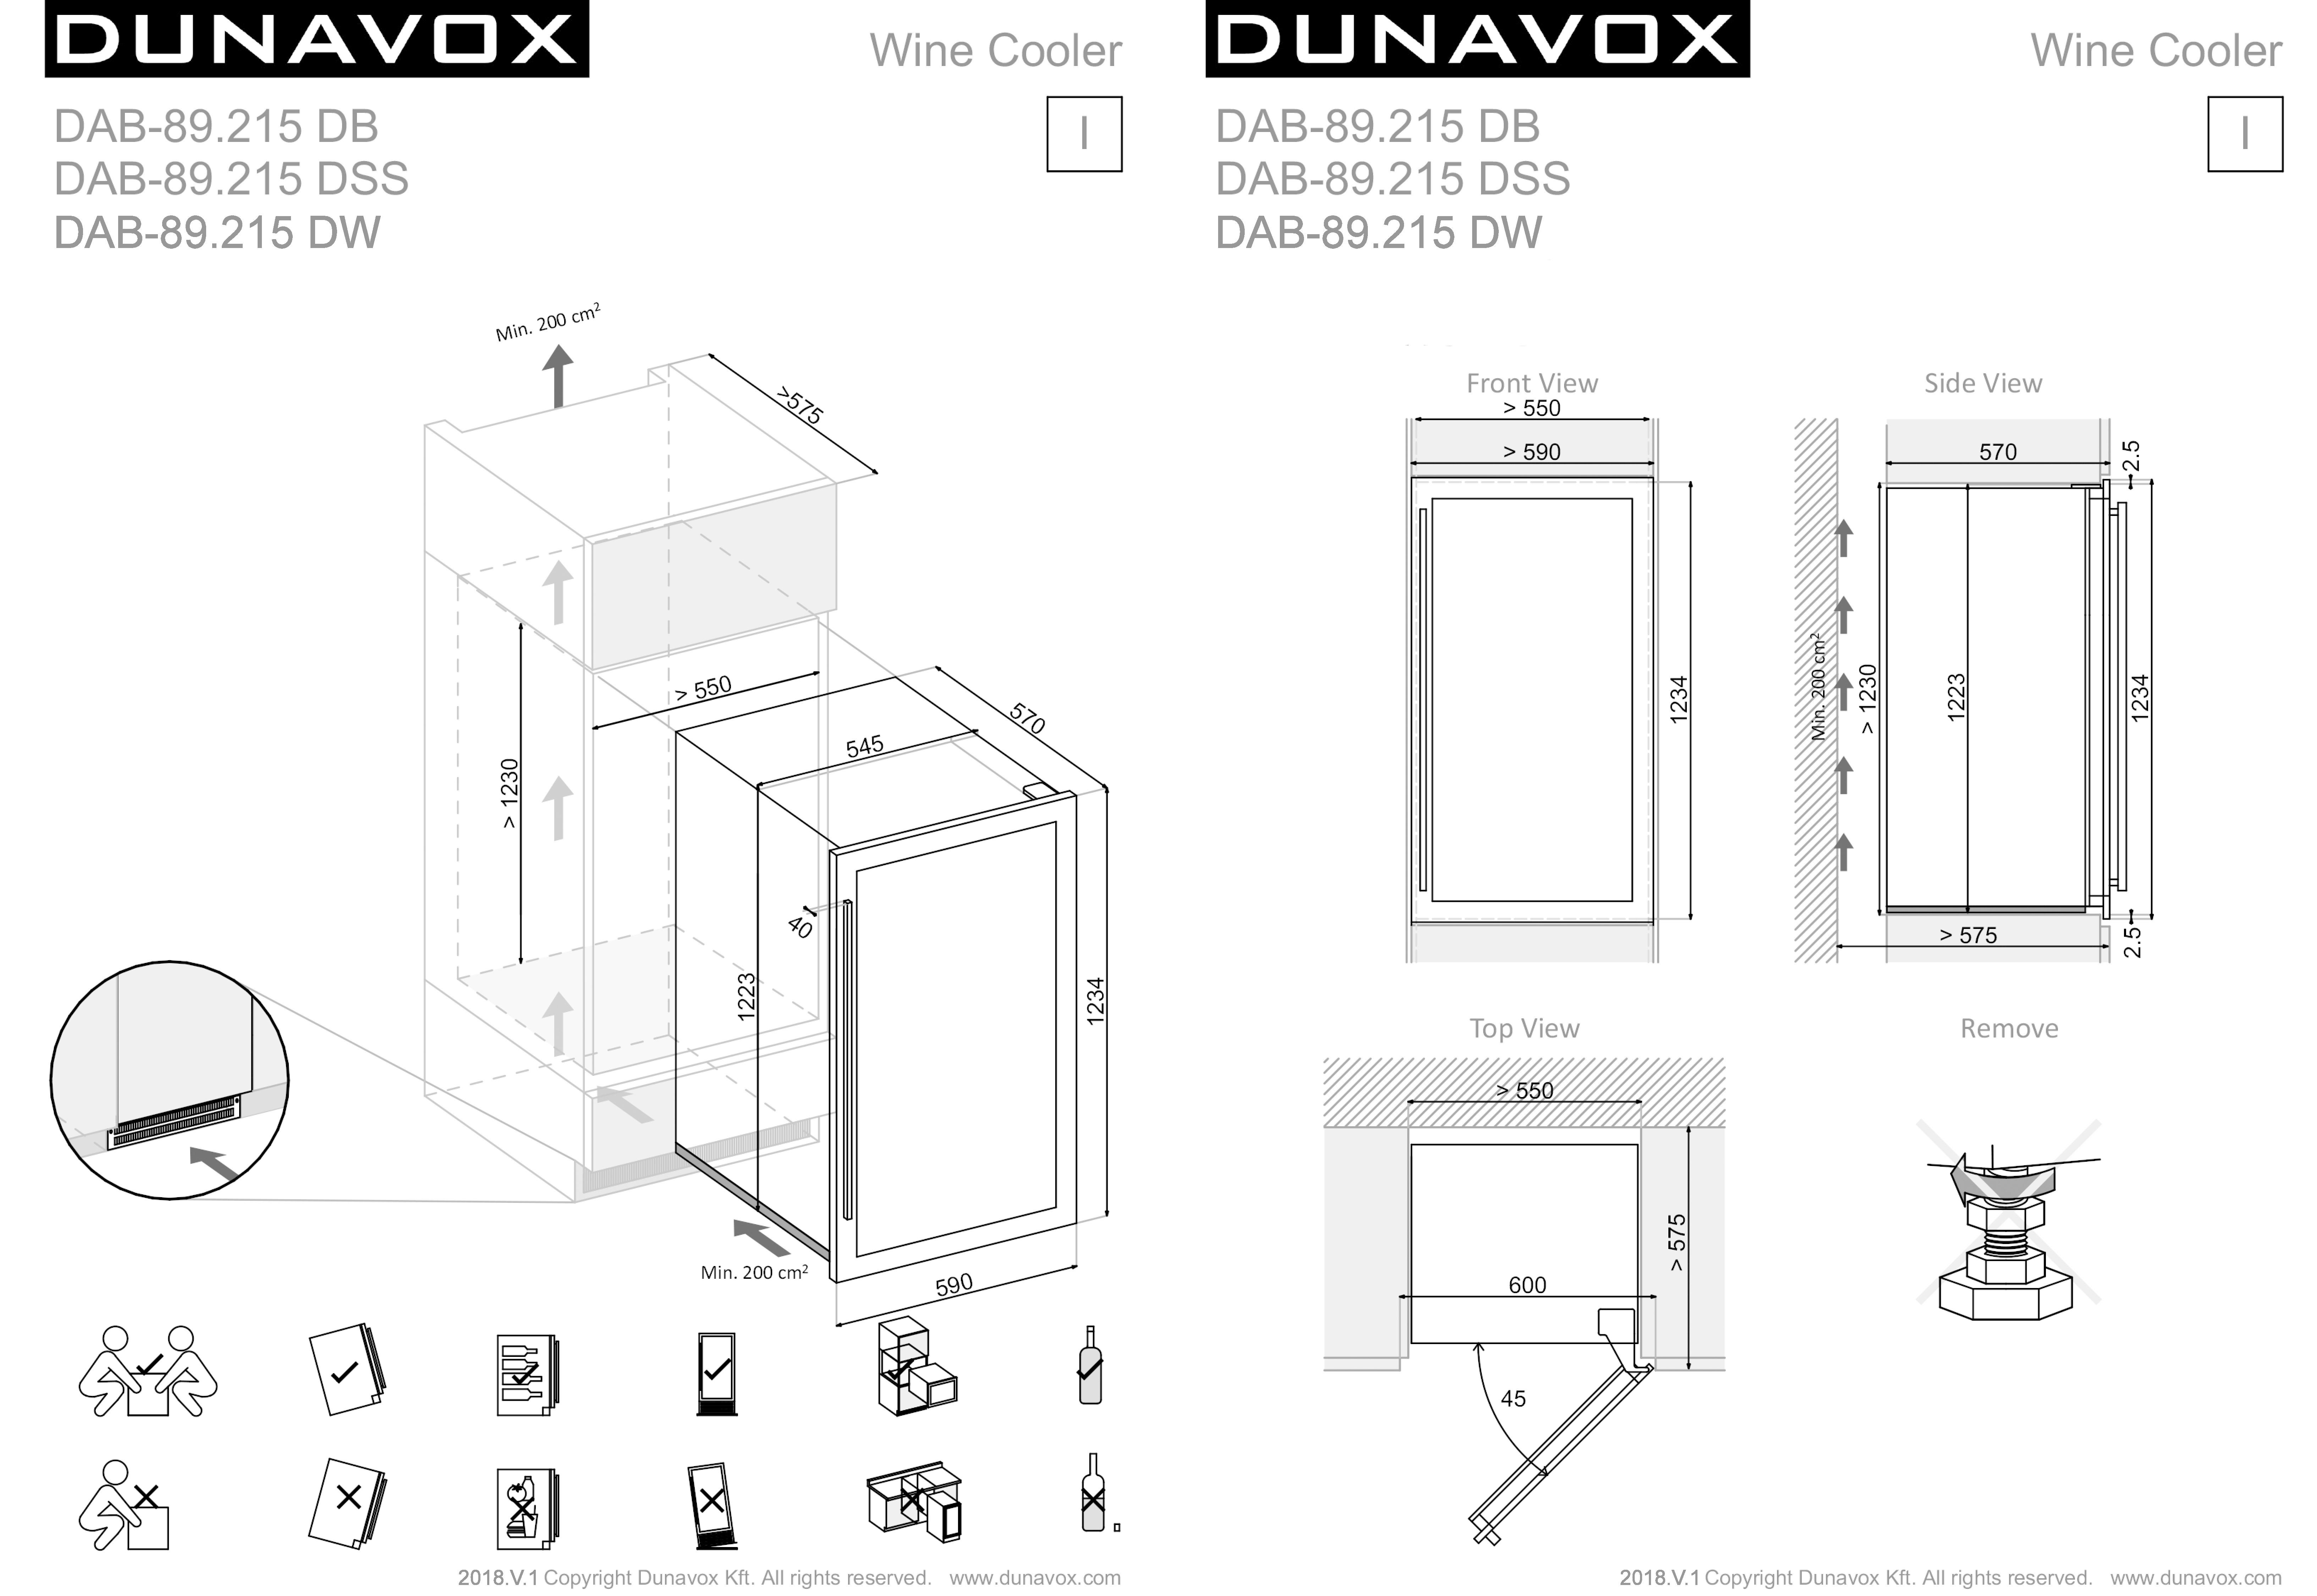 dab-89.215dbdssdw-installation-drawing2